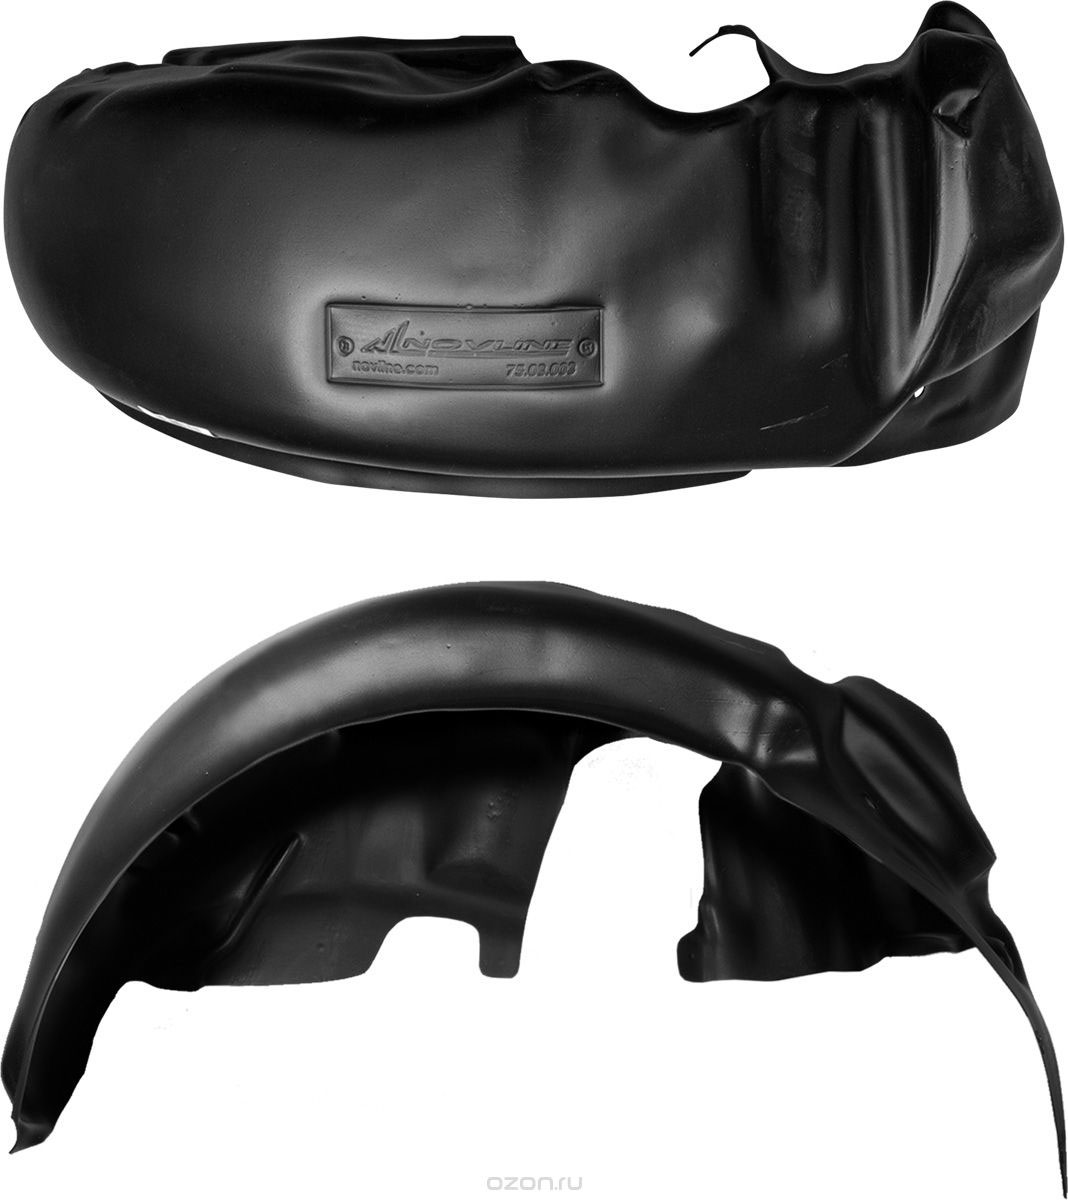 Подкрылок Novline-Autofamily, для HYUNDAI i20 2009->, передний правыйNLL.20.32.002Идеальная защита колесной ниши. Локеры разработаны с применением цифровых технологий, гарантируют максимальную повторяемость поверхности арки. Изделия устанавливаются без нарушения лакокрасочного покрытия автомобиля, каждый подкрылок комплектуется крепежом. Уважаемые клиенты, обращаем ваше внимание, что фотографии на подкрылки универсальные и не отражают реальную форму изделия. При этом само изделие идет точно под размер указанного автомобиля.